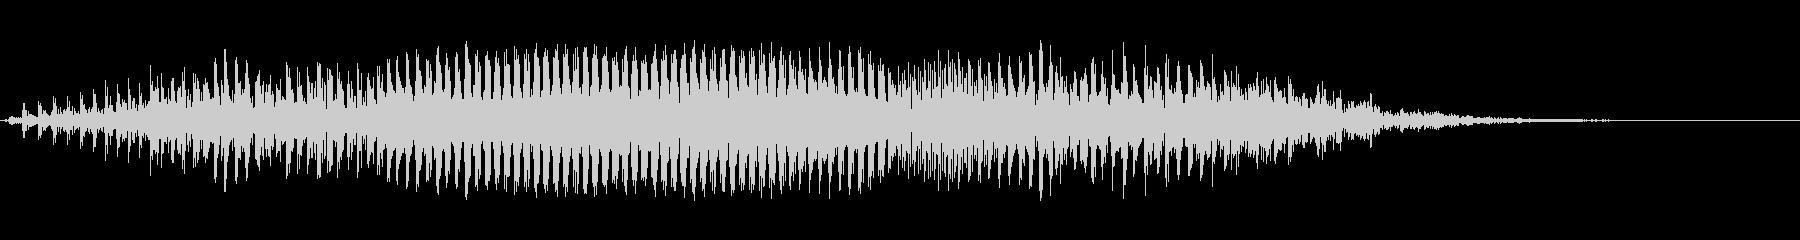 モォ〜♪牛の鳴き声の効果音 07の未再生の波形